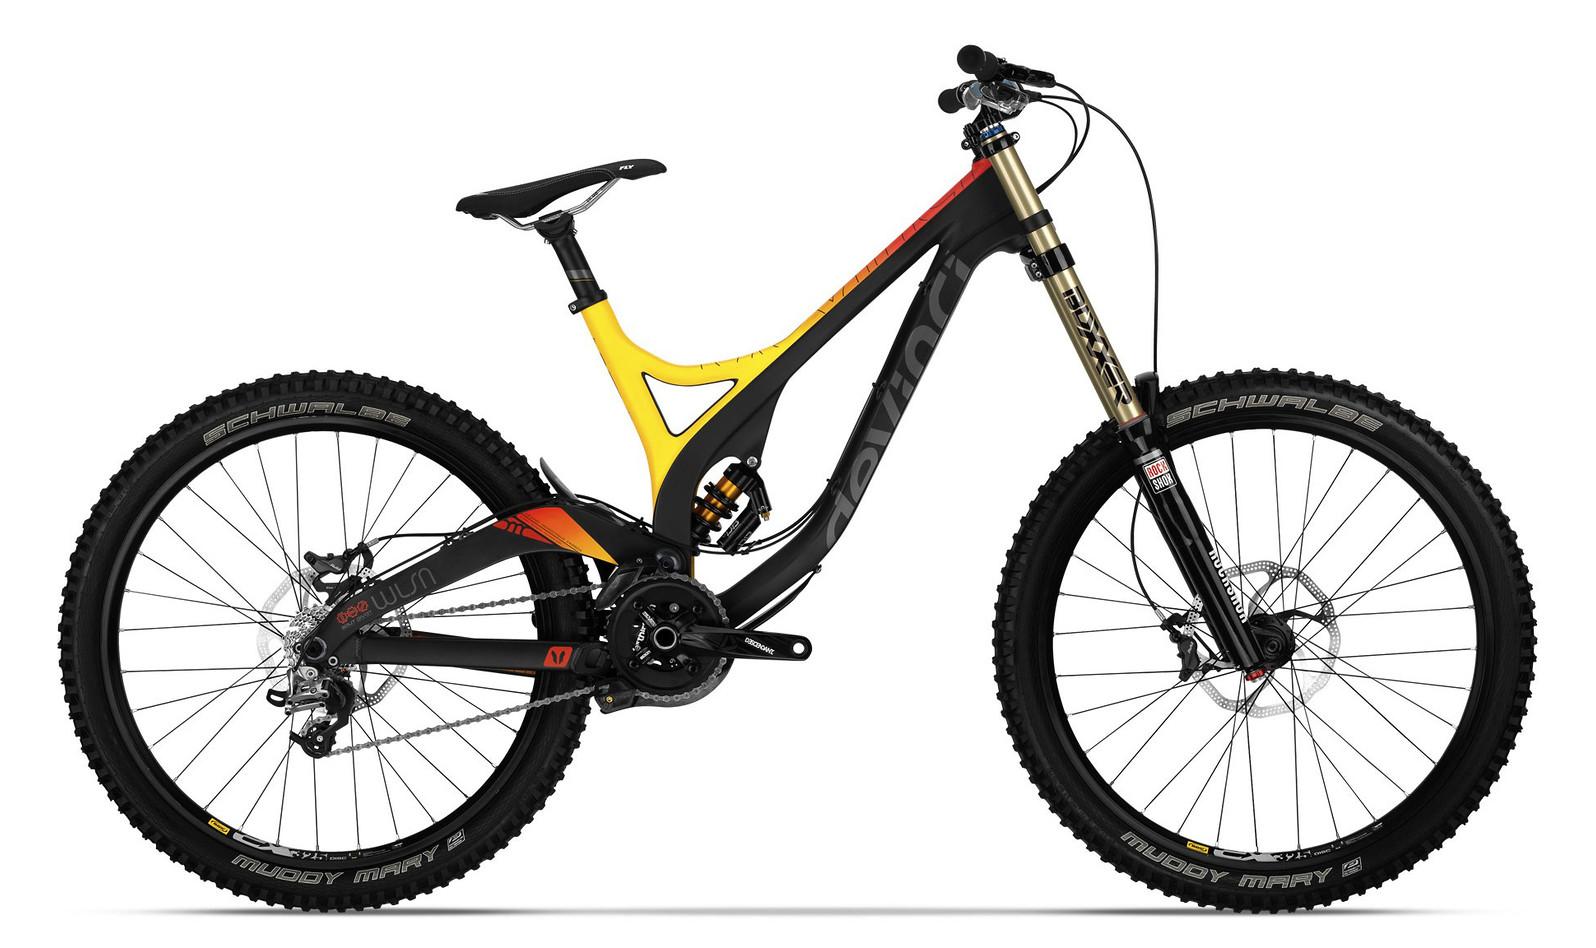 b4fc9f79695 2014 Devinci Wilson Carbon RC Bike - Reviews, Comparisons, Specs ...